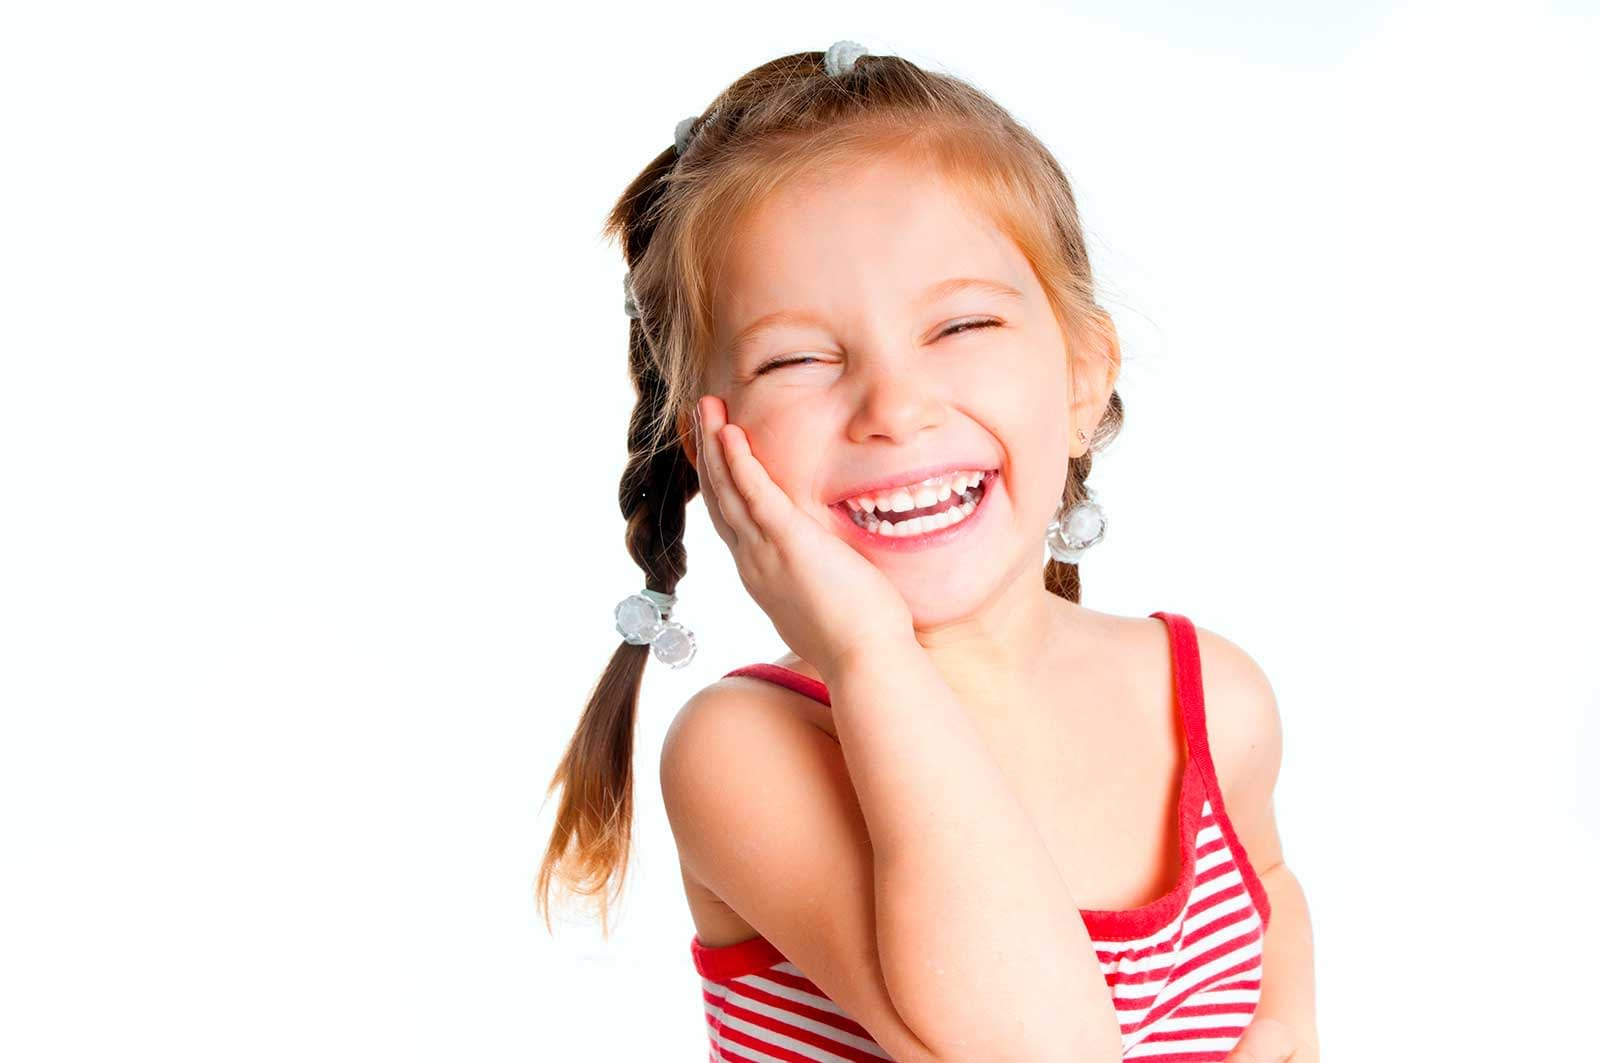 Segredos do sorriso de uma criança